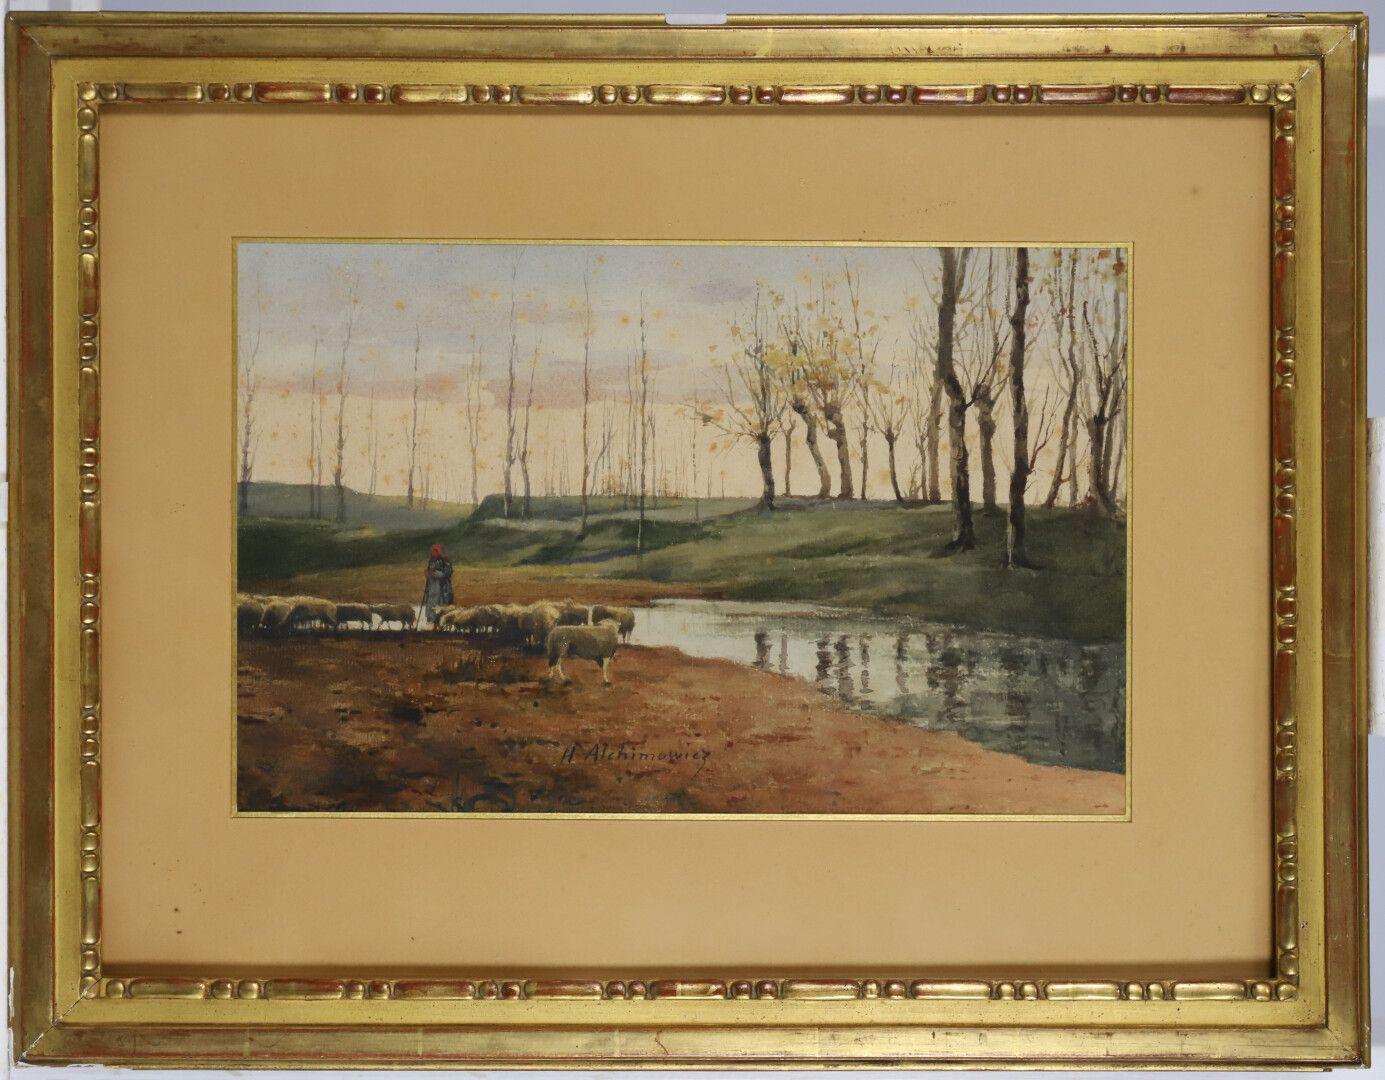 """Hiacynt Alchimowicz (1841-1897) """"Owce u wodopoju"""", źródło: BAYEUX ENCHERES"""